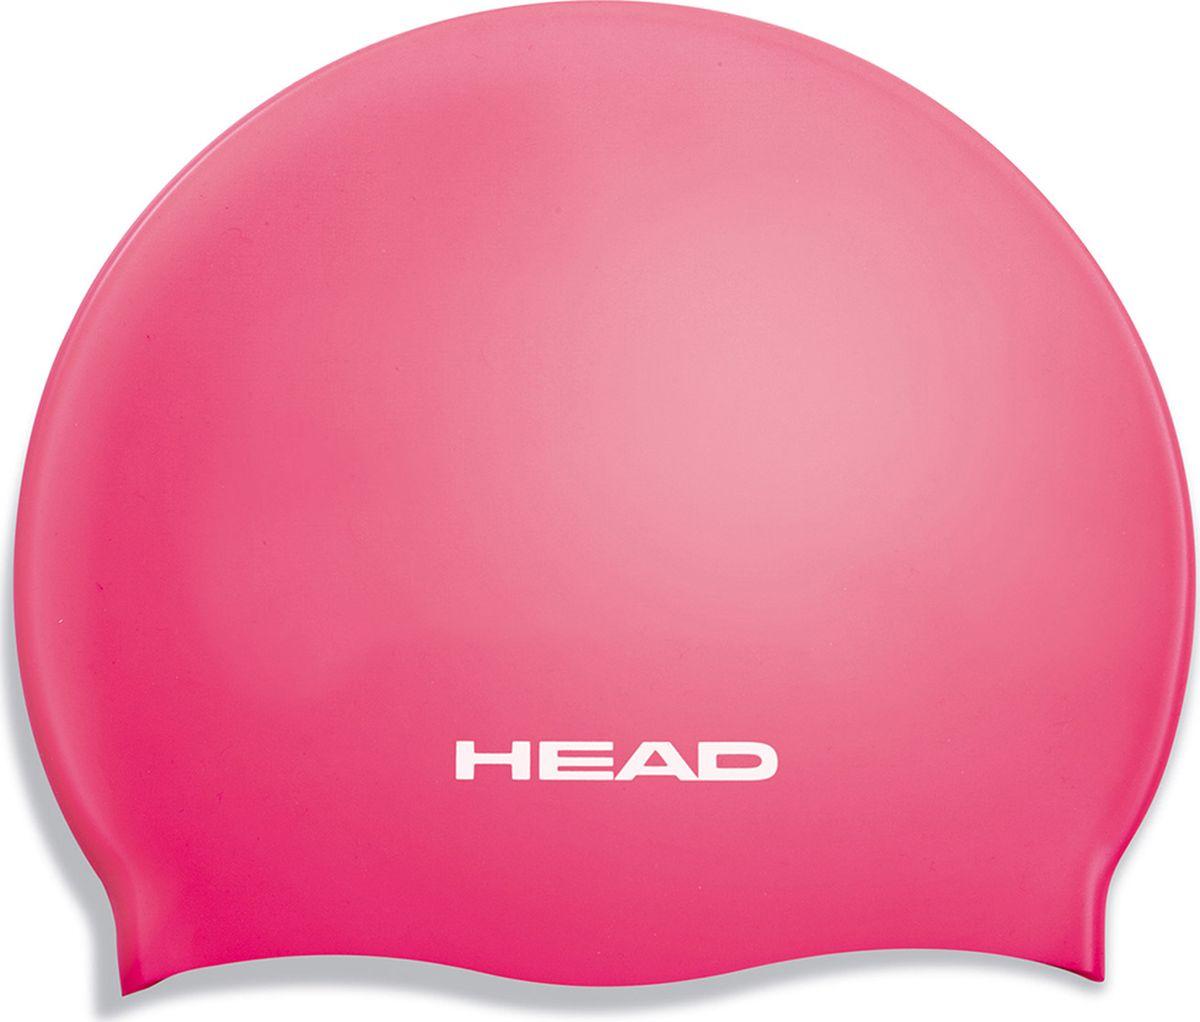 Шапочка для плавания детская HEAD Silicone Flat Jr, цвет: розовый455006Шапочка для плавания детская HEAD Silicone Flat Jr, выполненная из силикона, плотно облегаетголову, обеспечивая комфортную и надежную посадку. Эта шапочка помогает уменьшитьсопротивление и увеличить мотивацию с помощью оригинального дизайна.